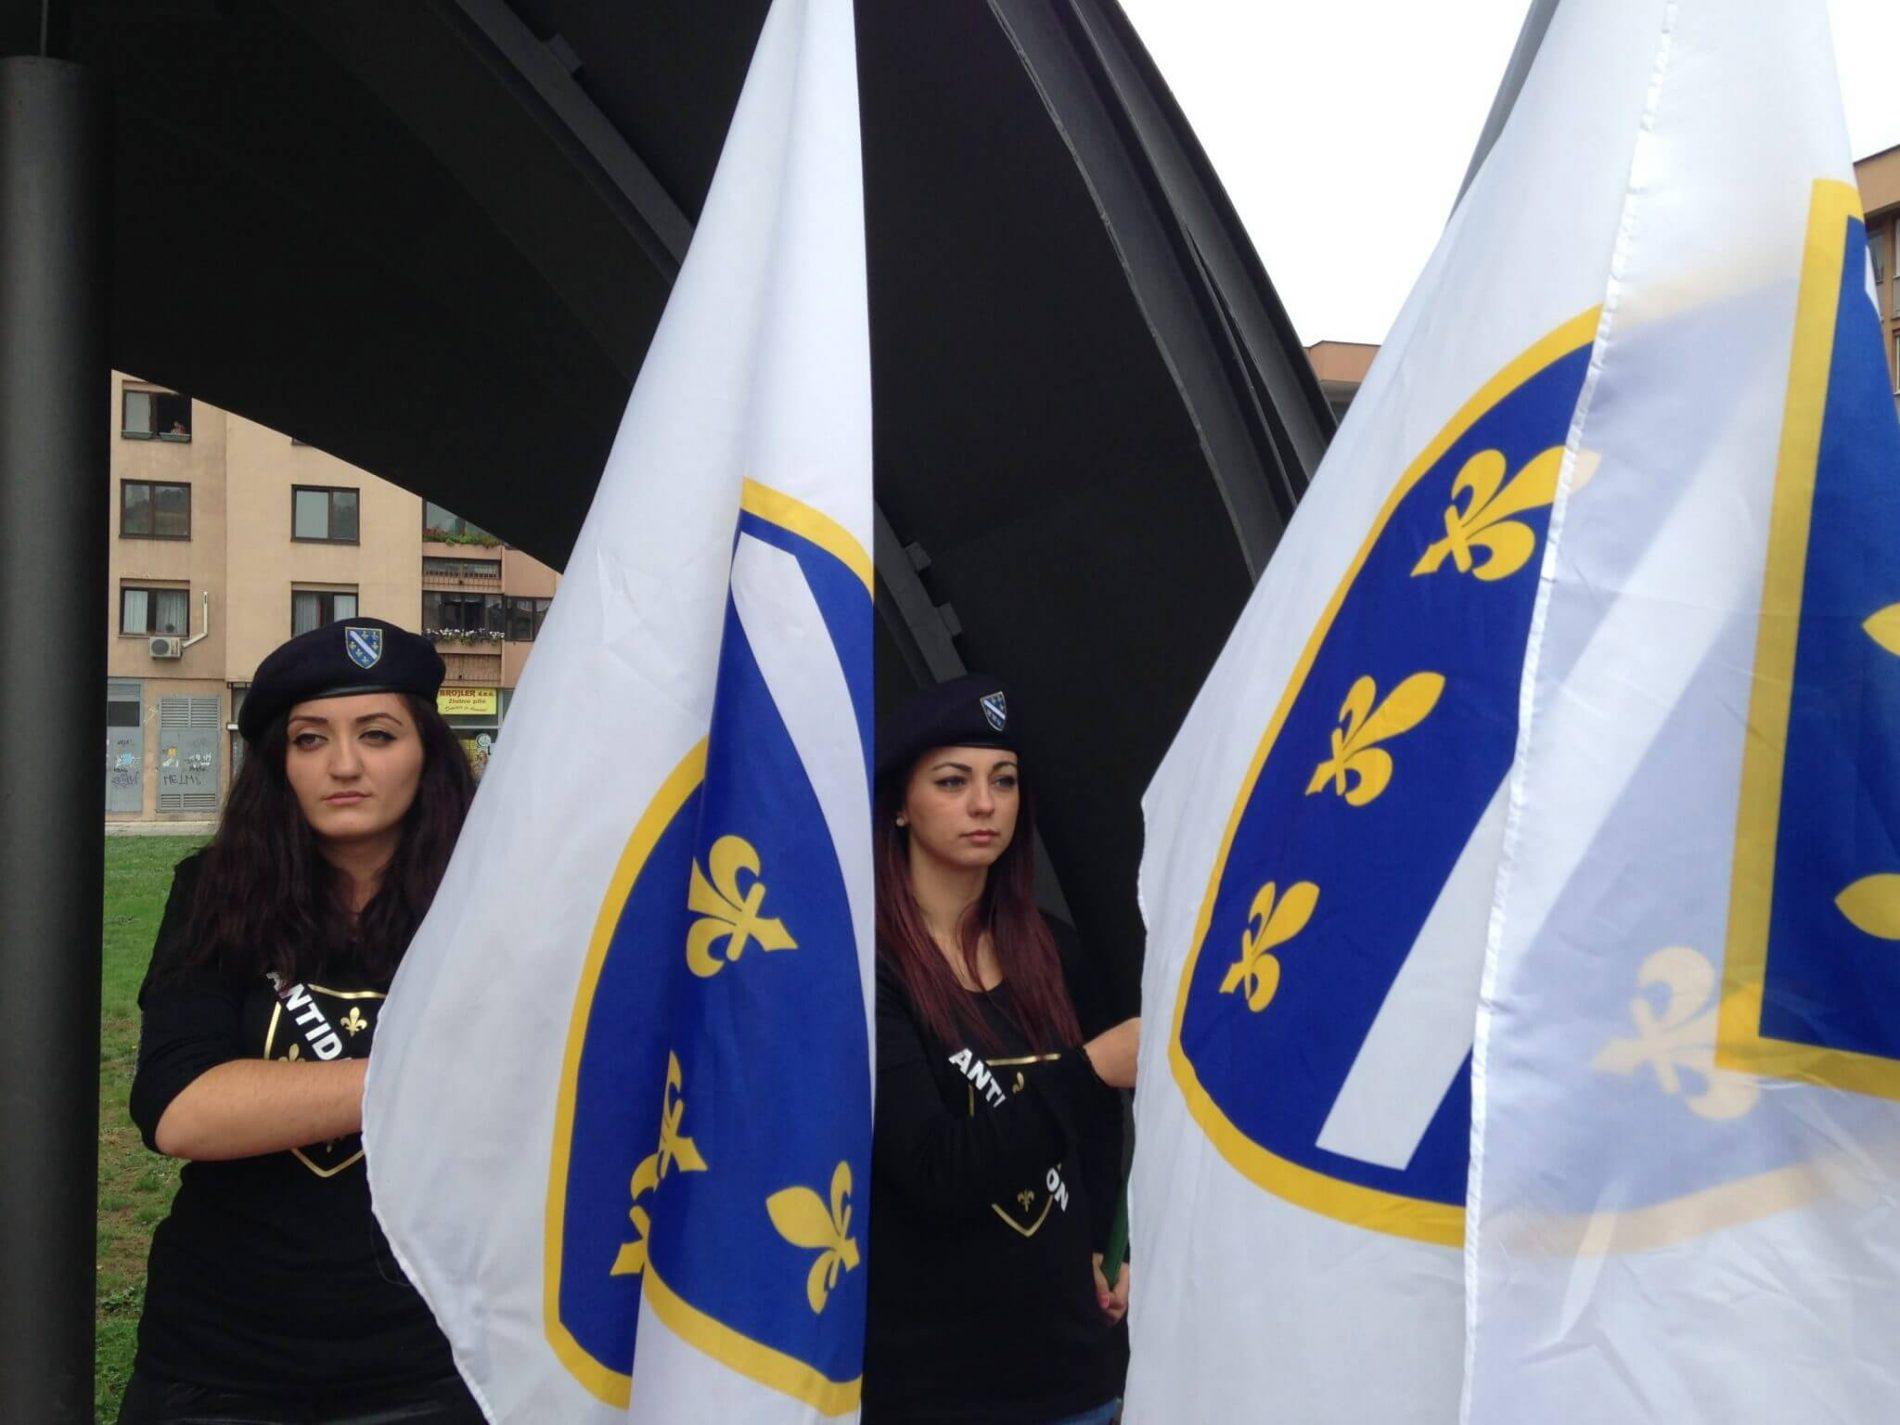 Zastava i grb Republike Bosne i Hercegovine zvanično usvojeni 4. maja 1992.